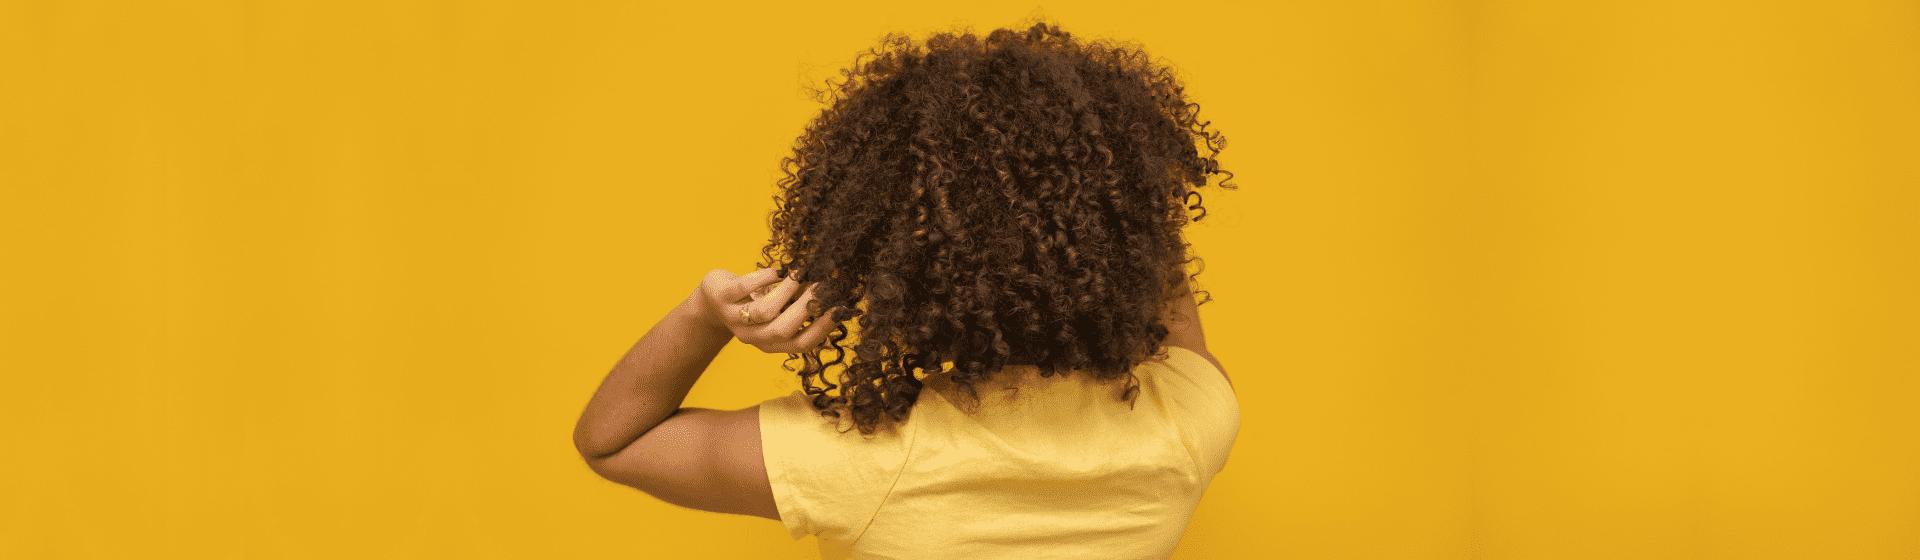 Melhor creme de pentear para cabelo cacheado: 10 produtos para comprar